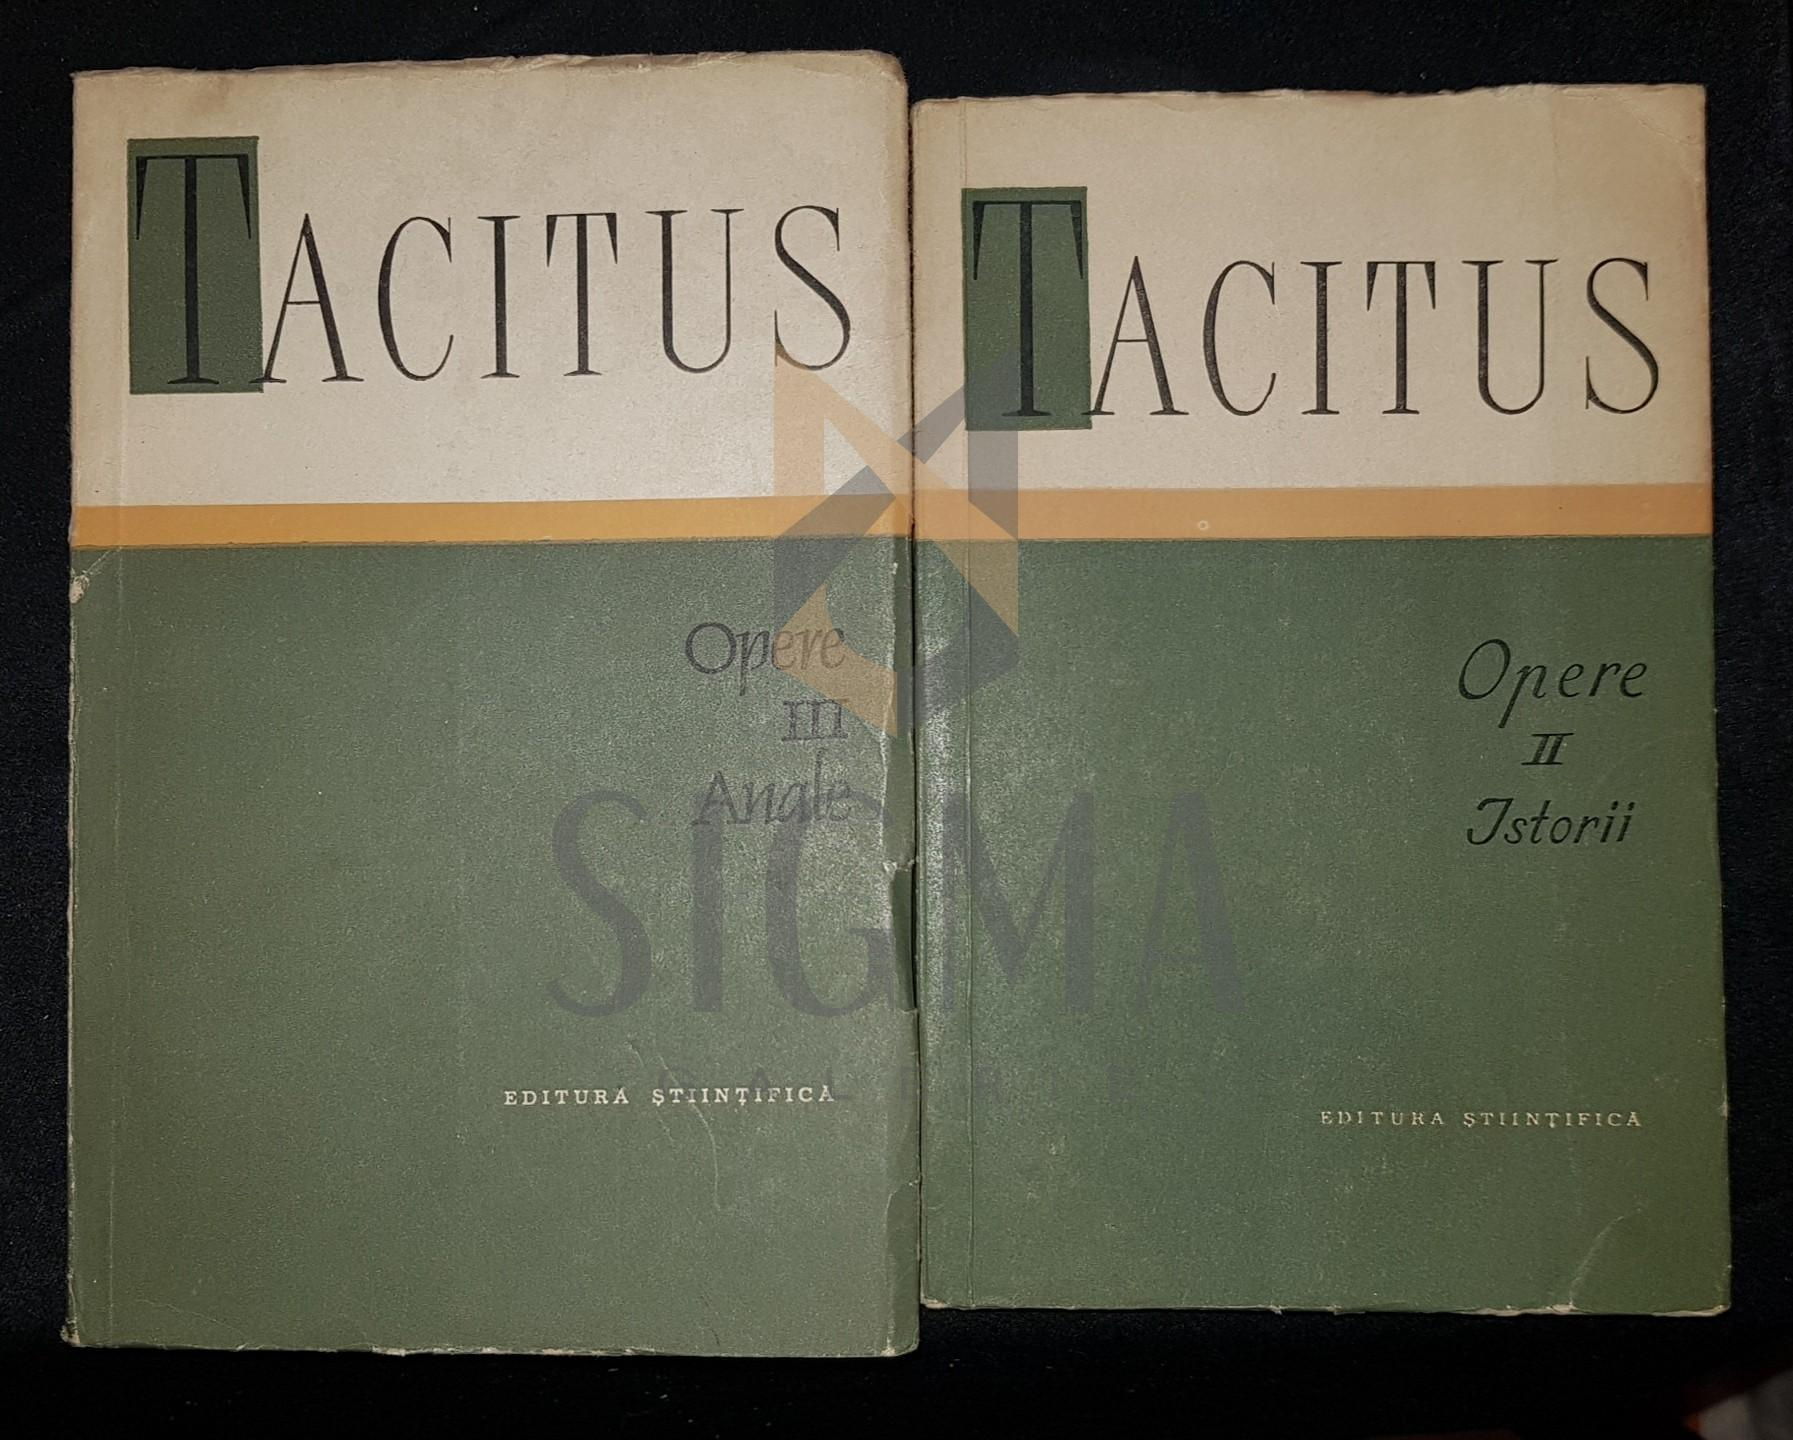 TACITUS (P. CORNELIUS)